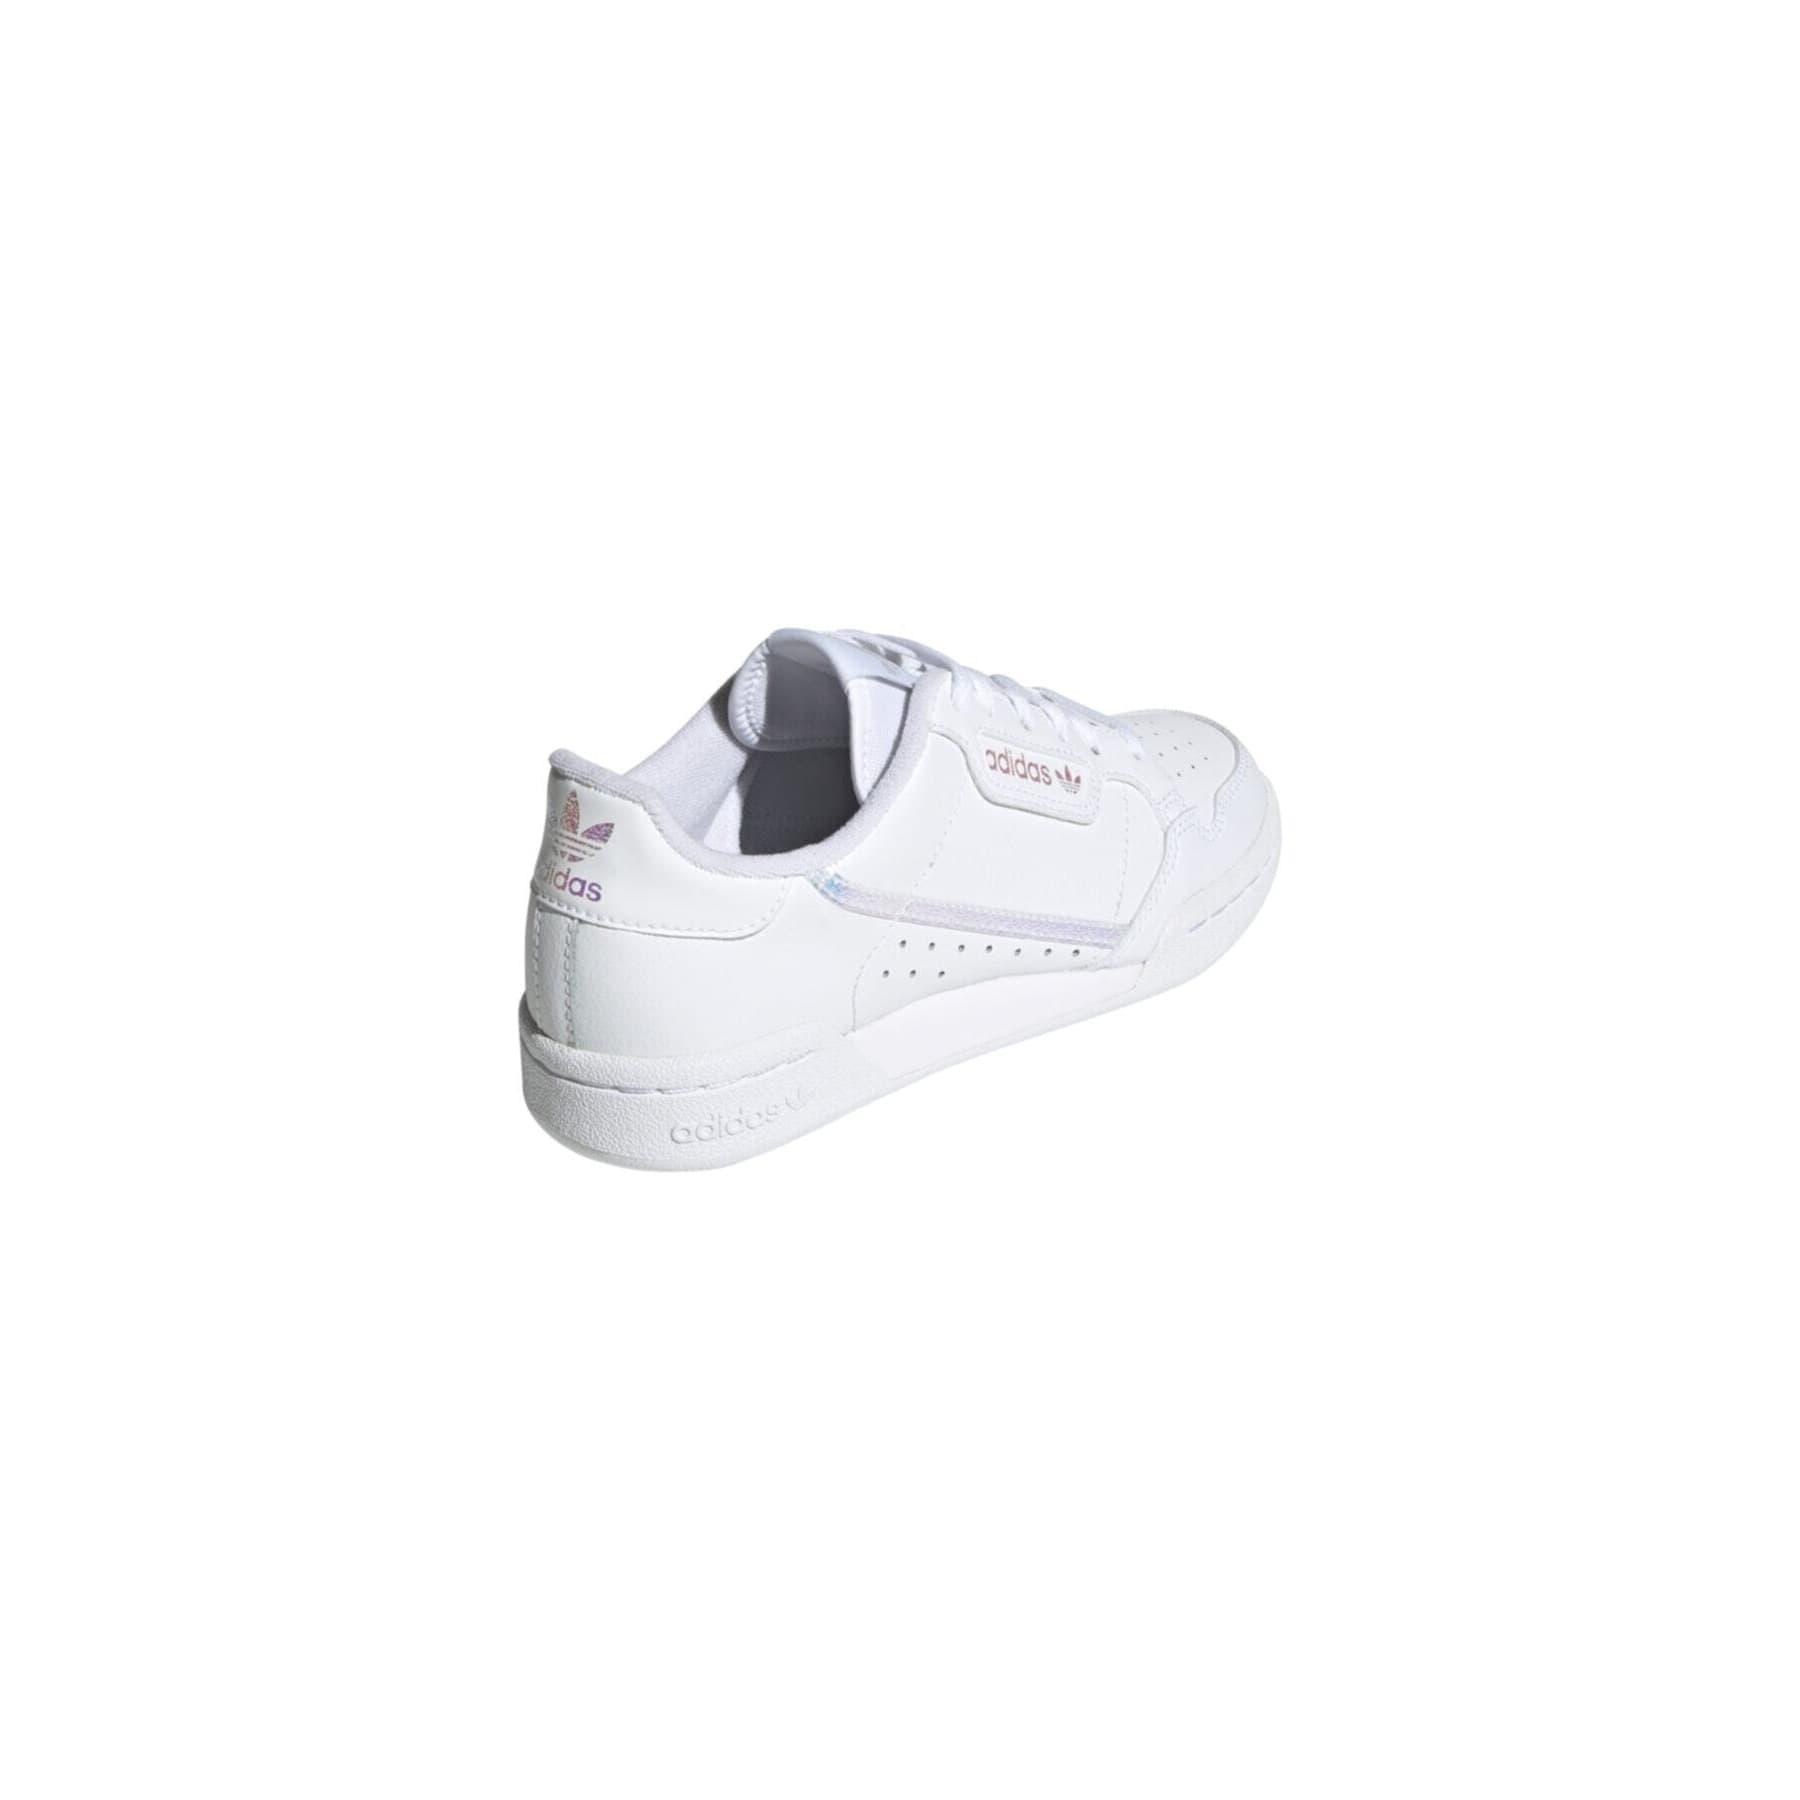 Continental 80 Kadın Beyaz Spor Ayakkabı